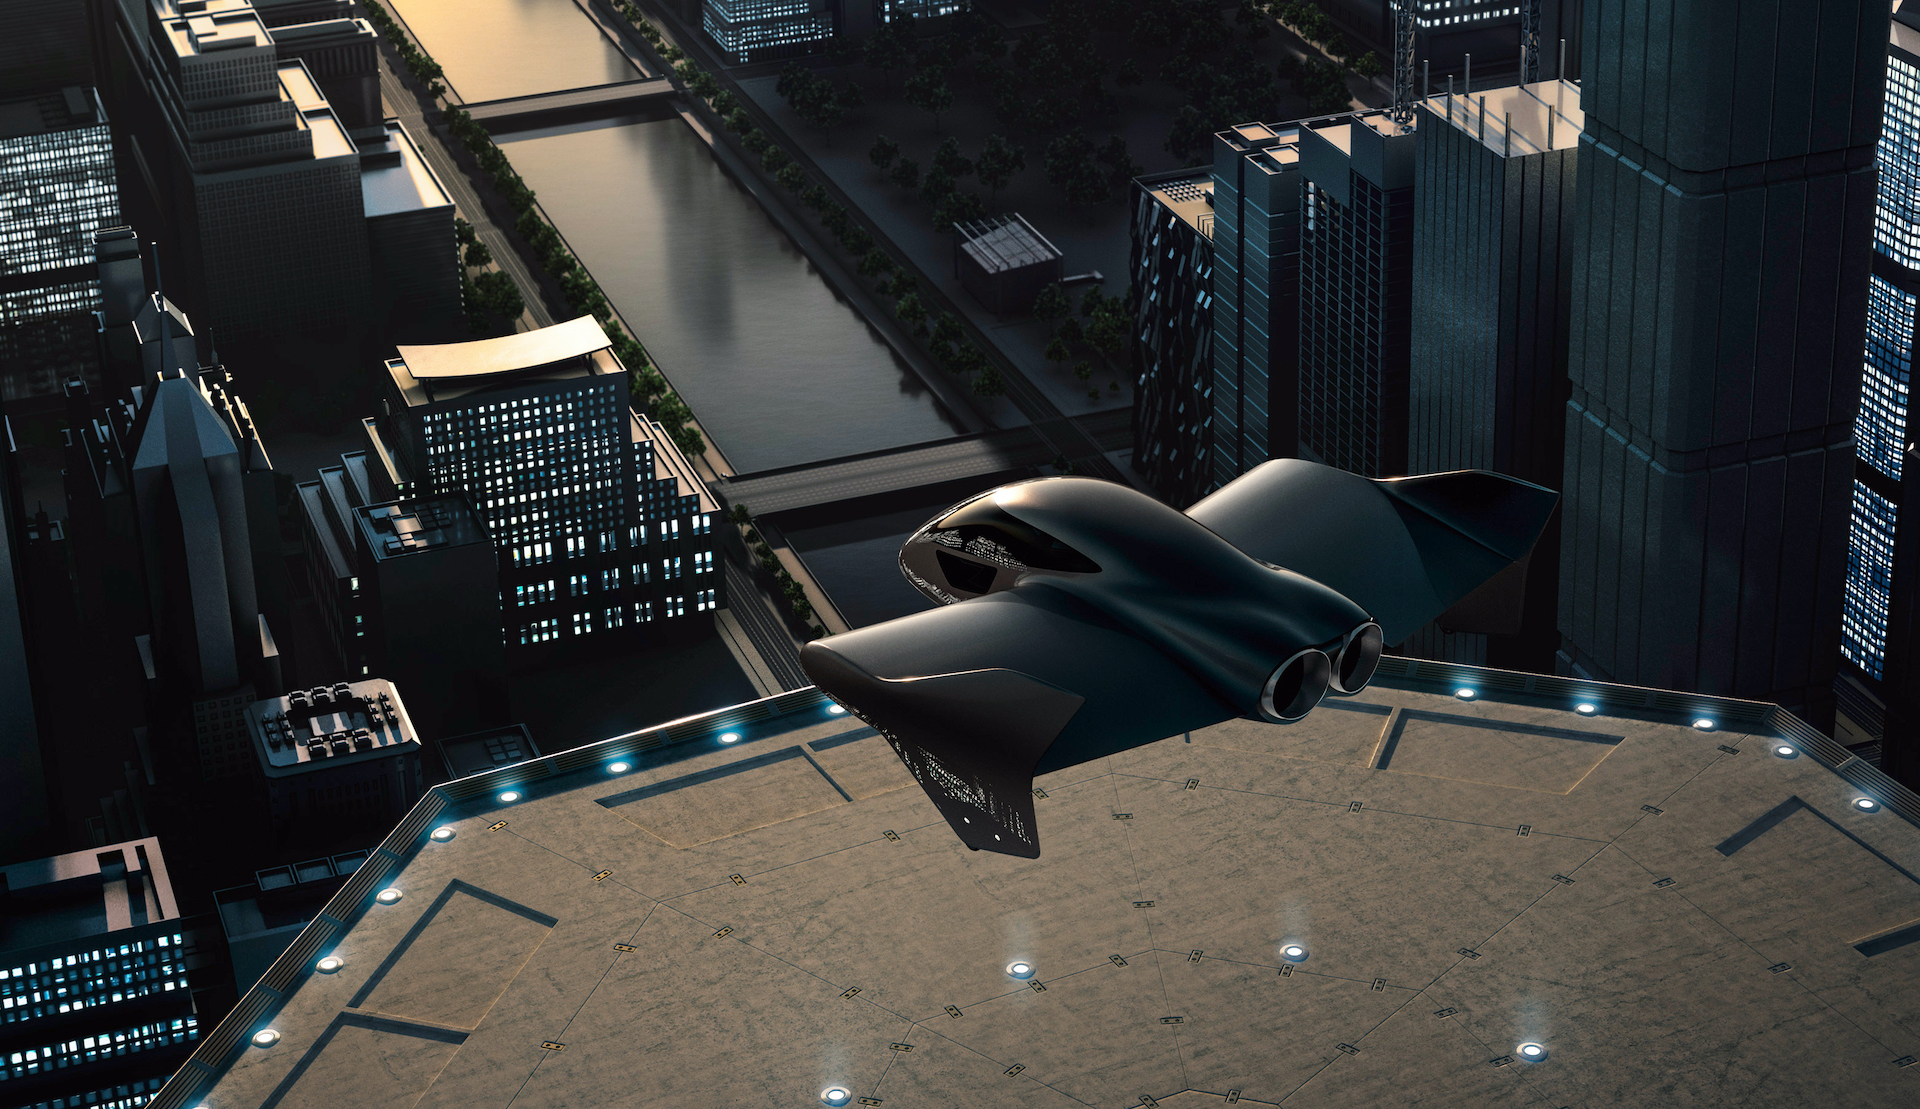 Urbain, aérien et électrique : Porsche et Boeing s'associent pour imaginer le futur du transport